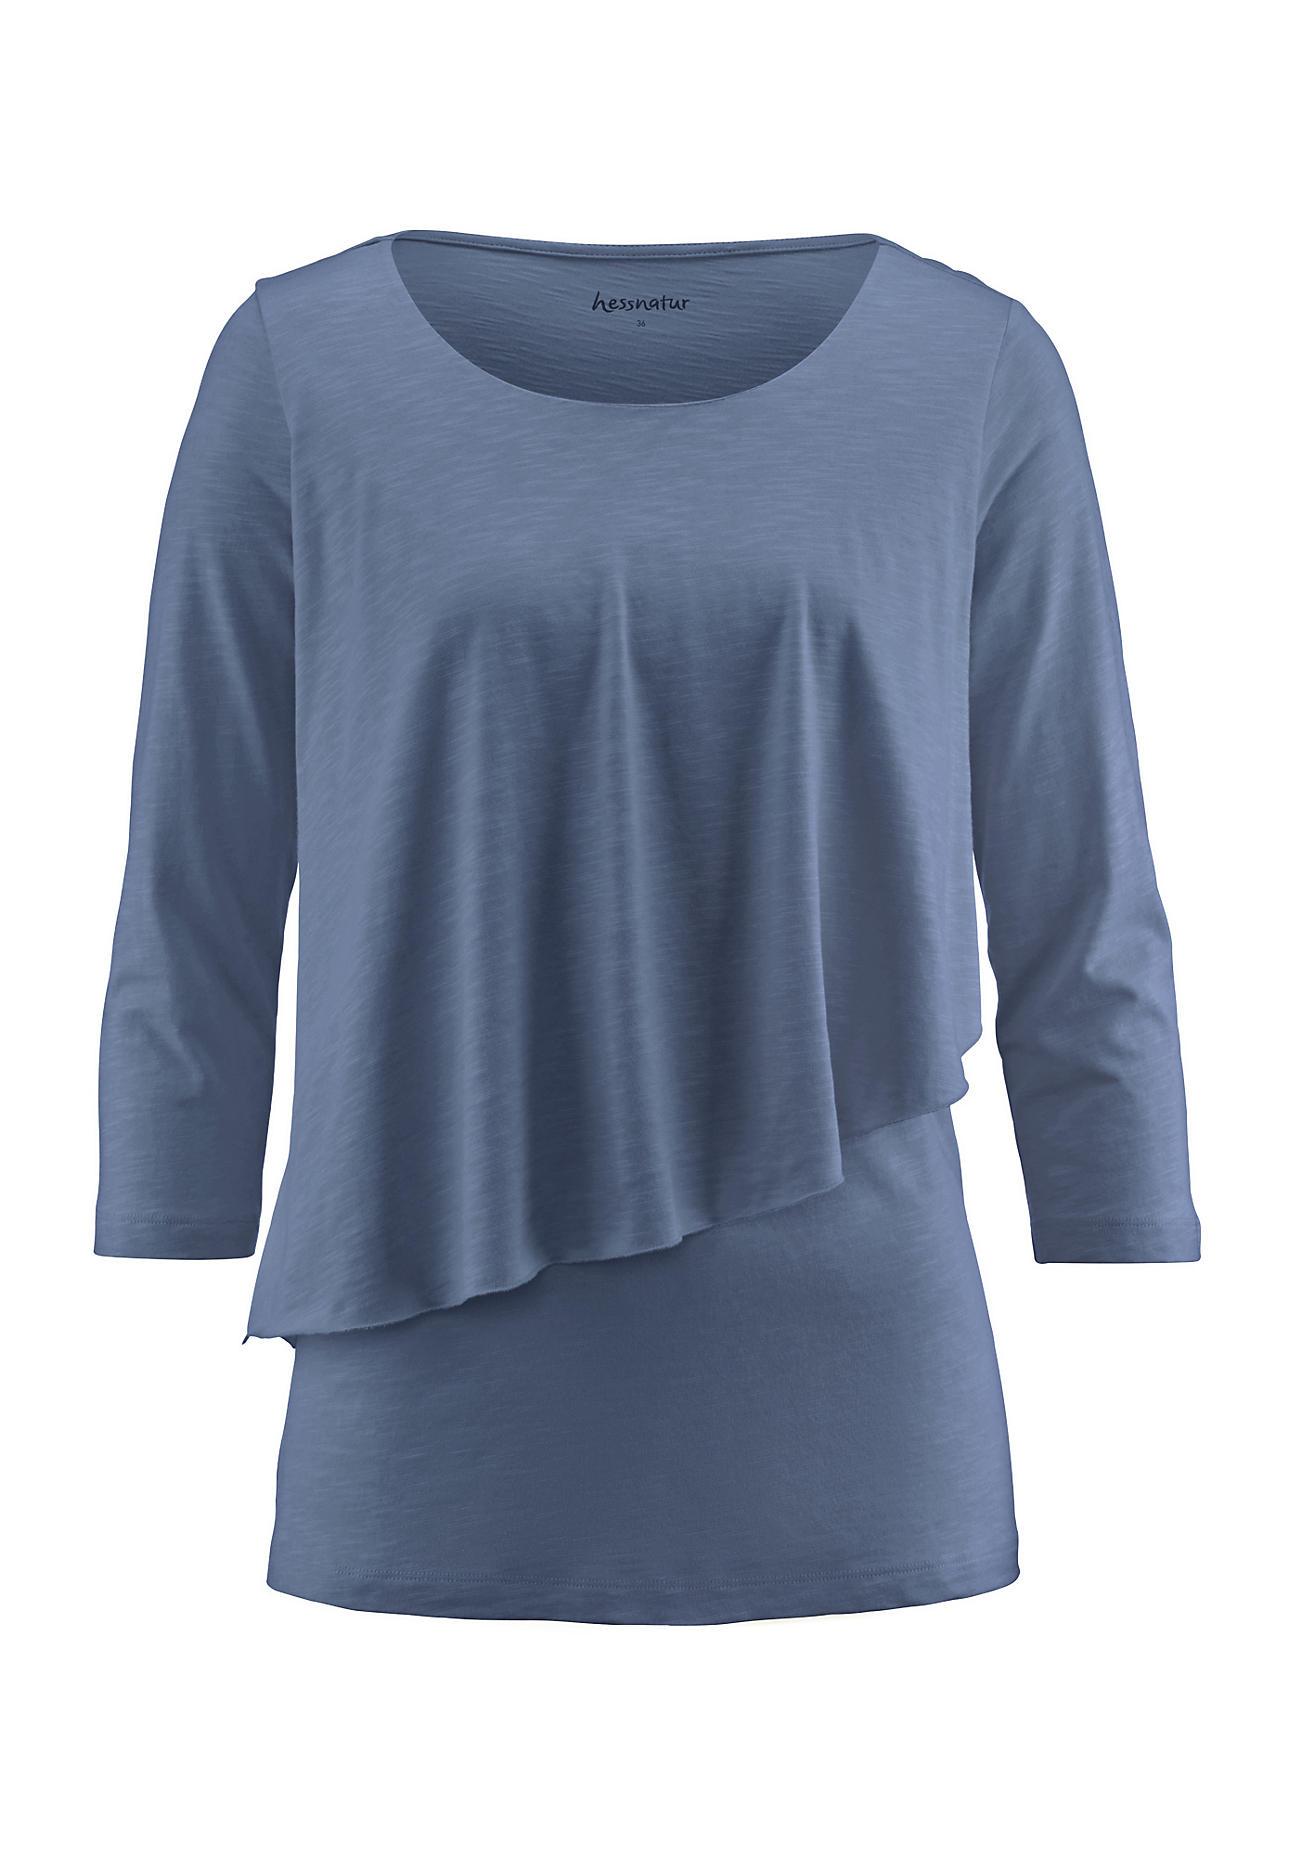 hessnatur Damen Shirt aus Bio Baumwolle mit Modal – blau – Größe 38